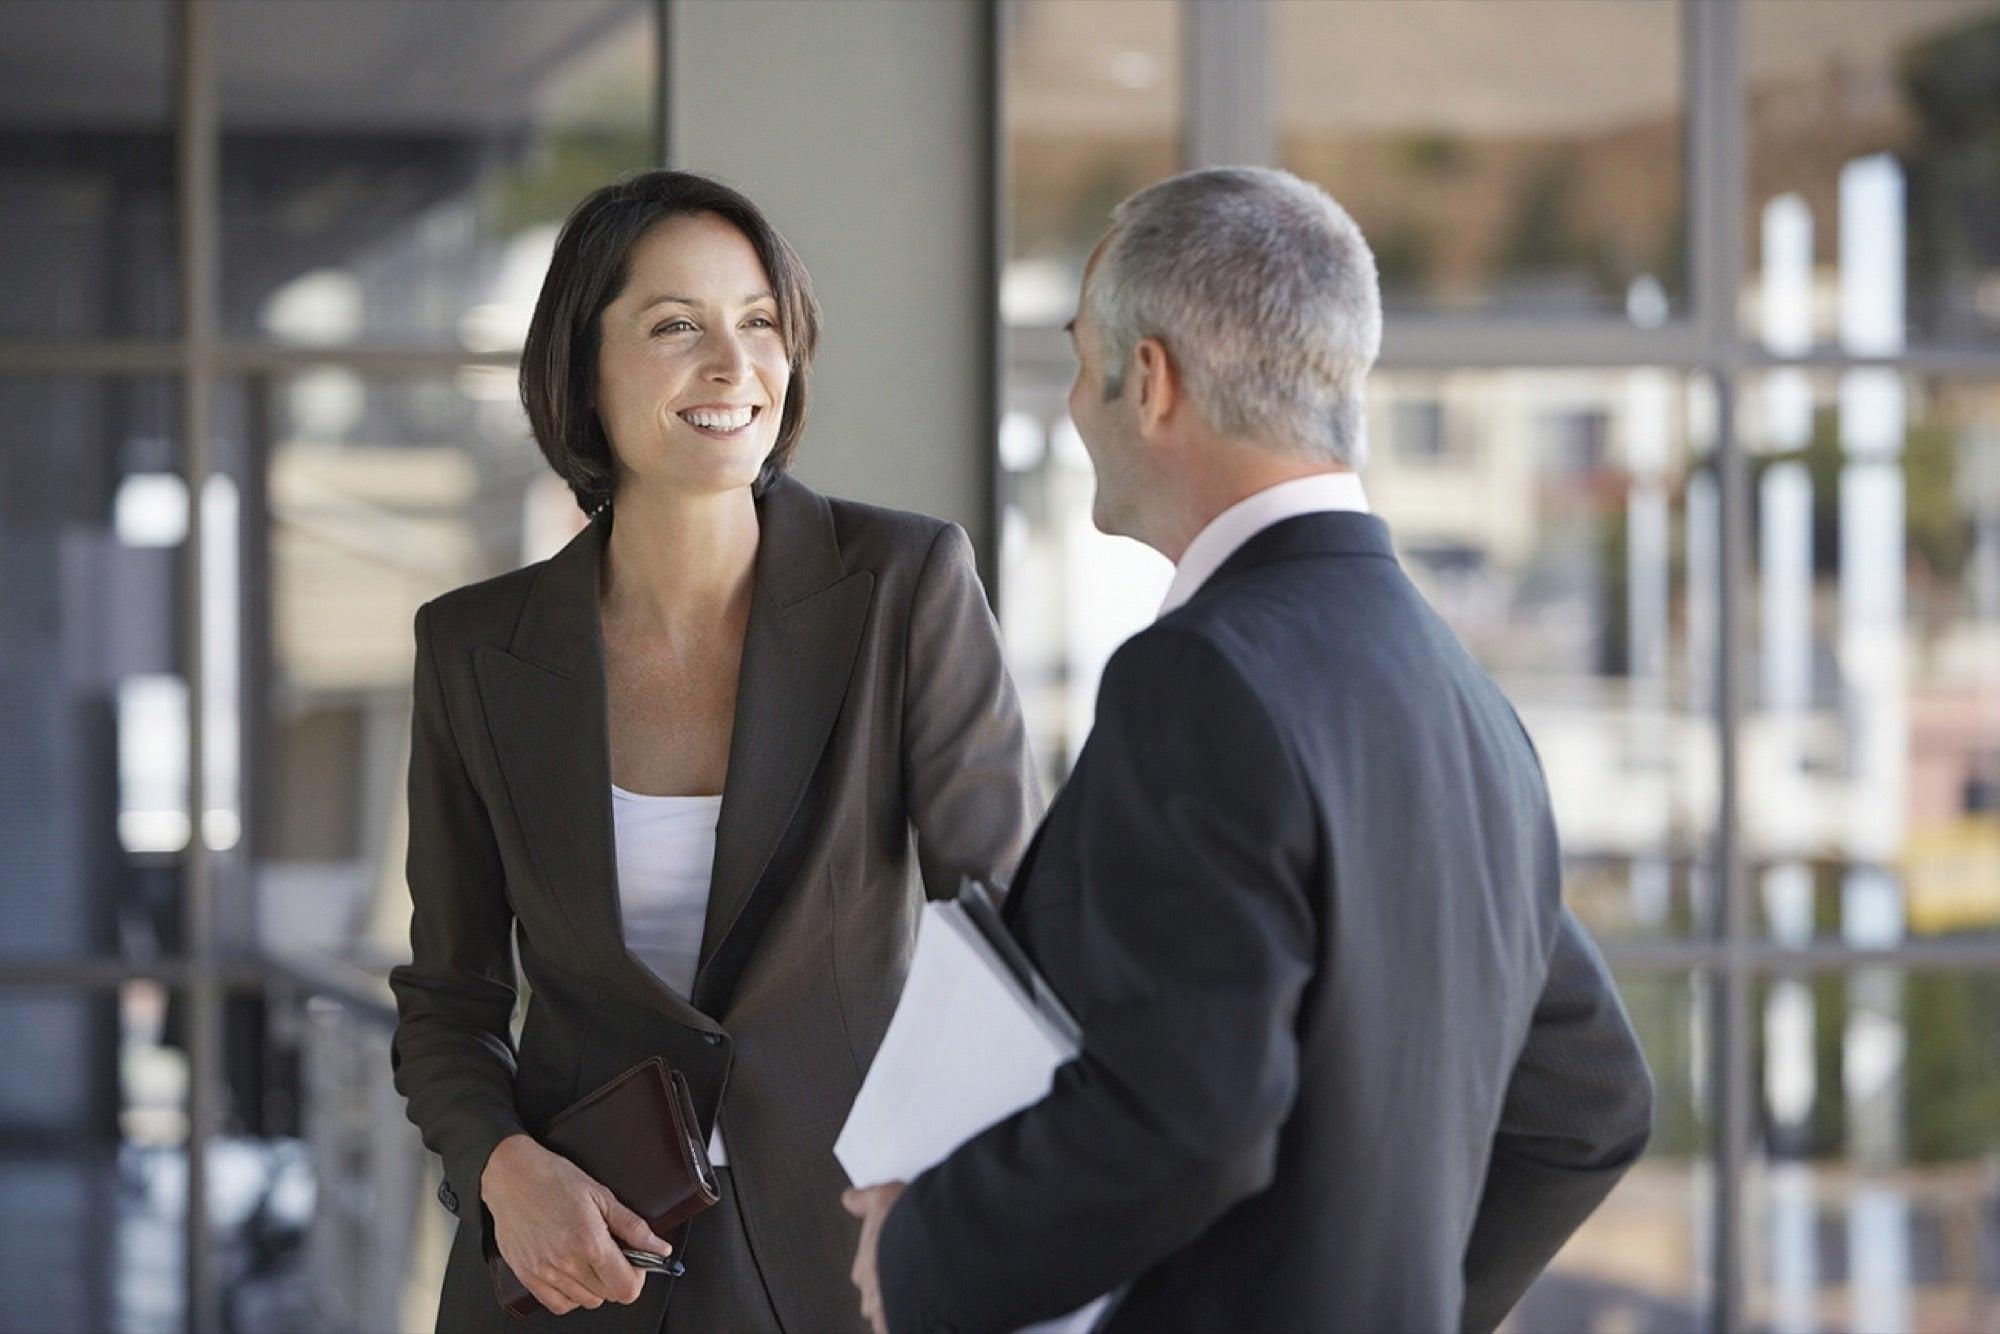 sc 1 st  Entrepreneur & 5 Invaluable Sales Tips From a Former Door-to-Door Salesman